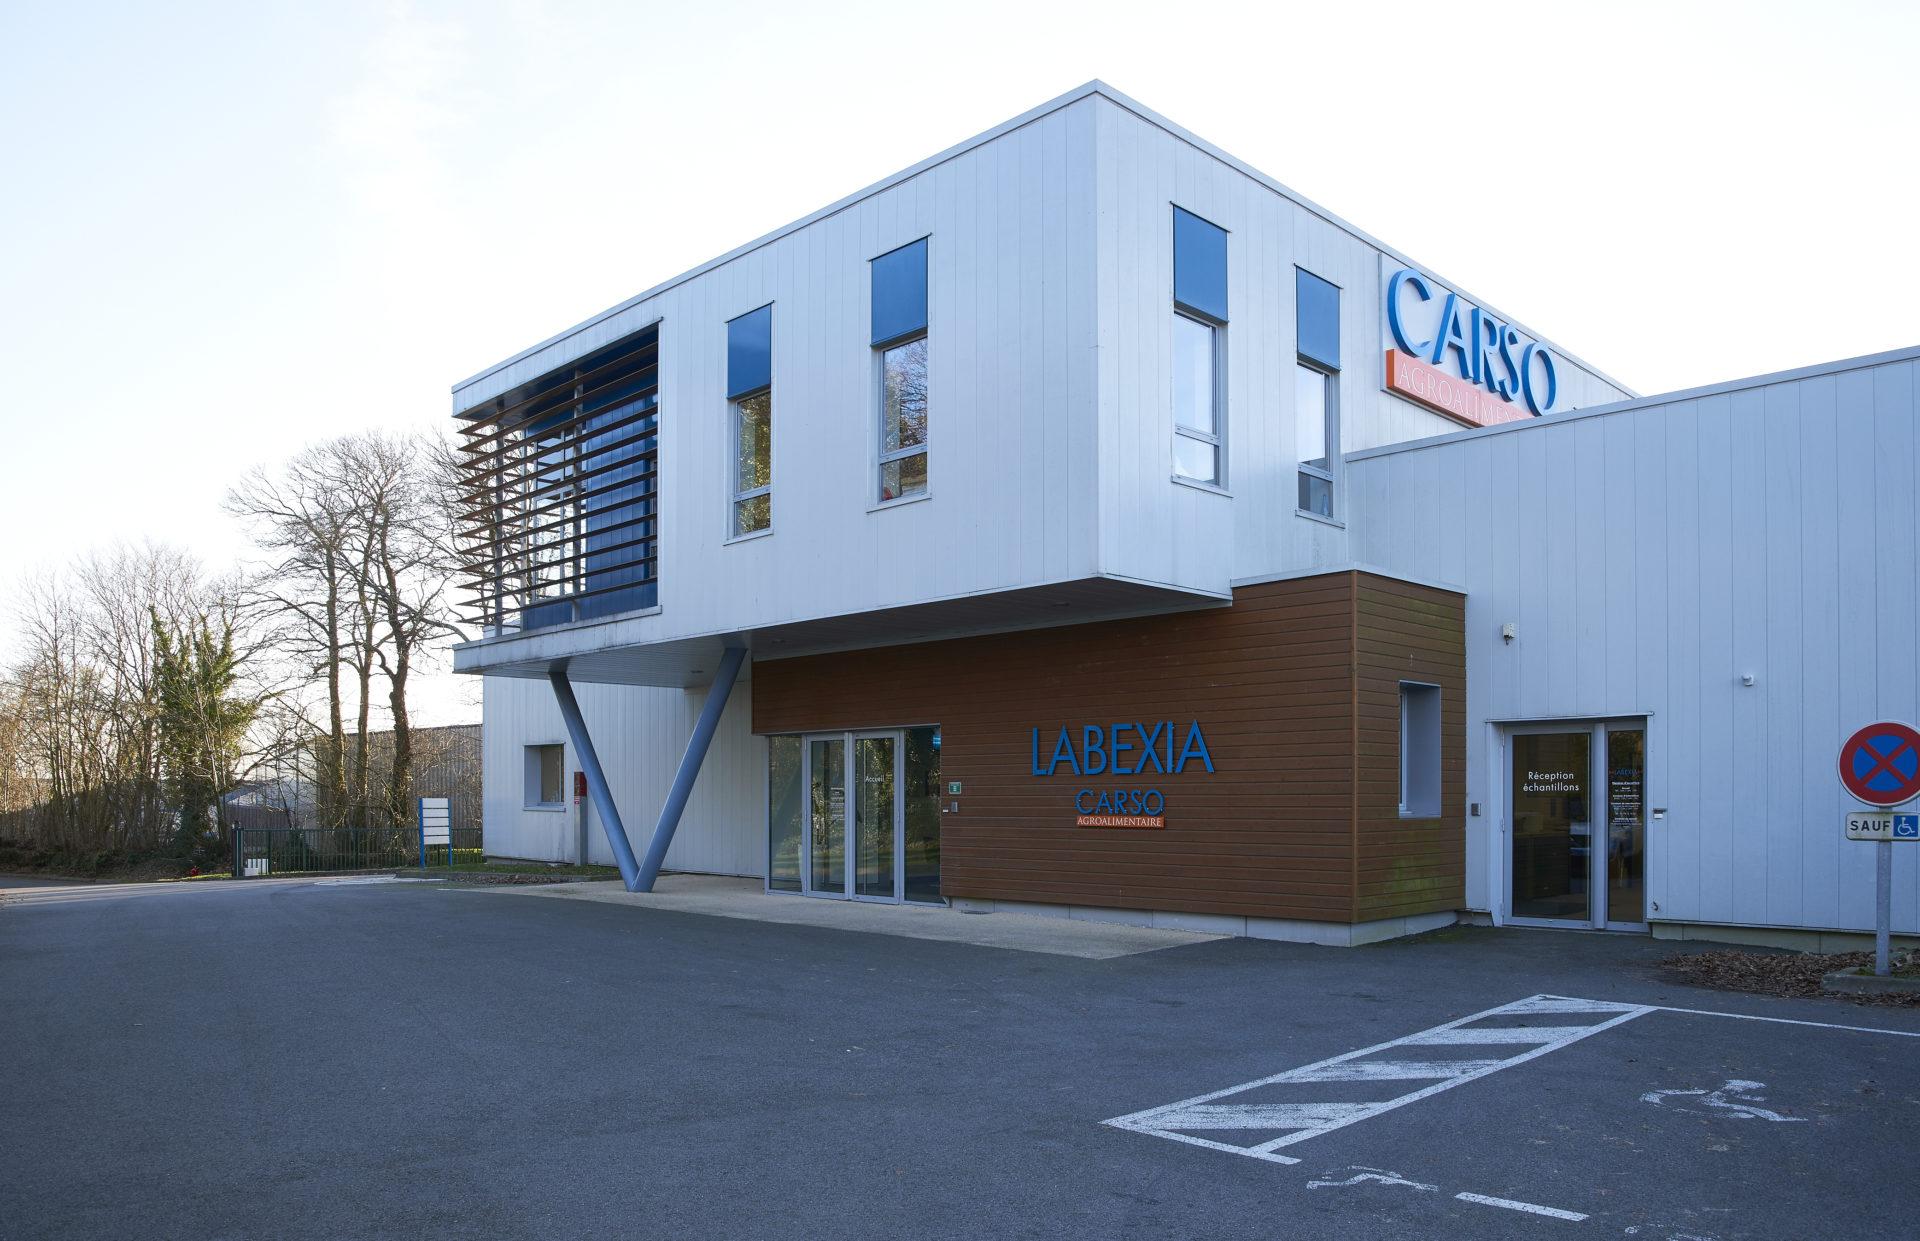 Labexia Groupe Carso à Quimper (29)